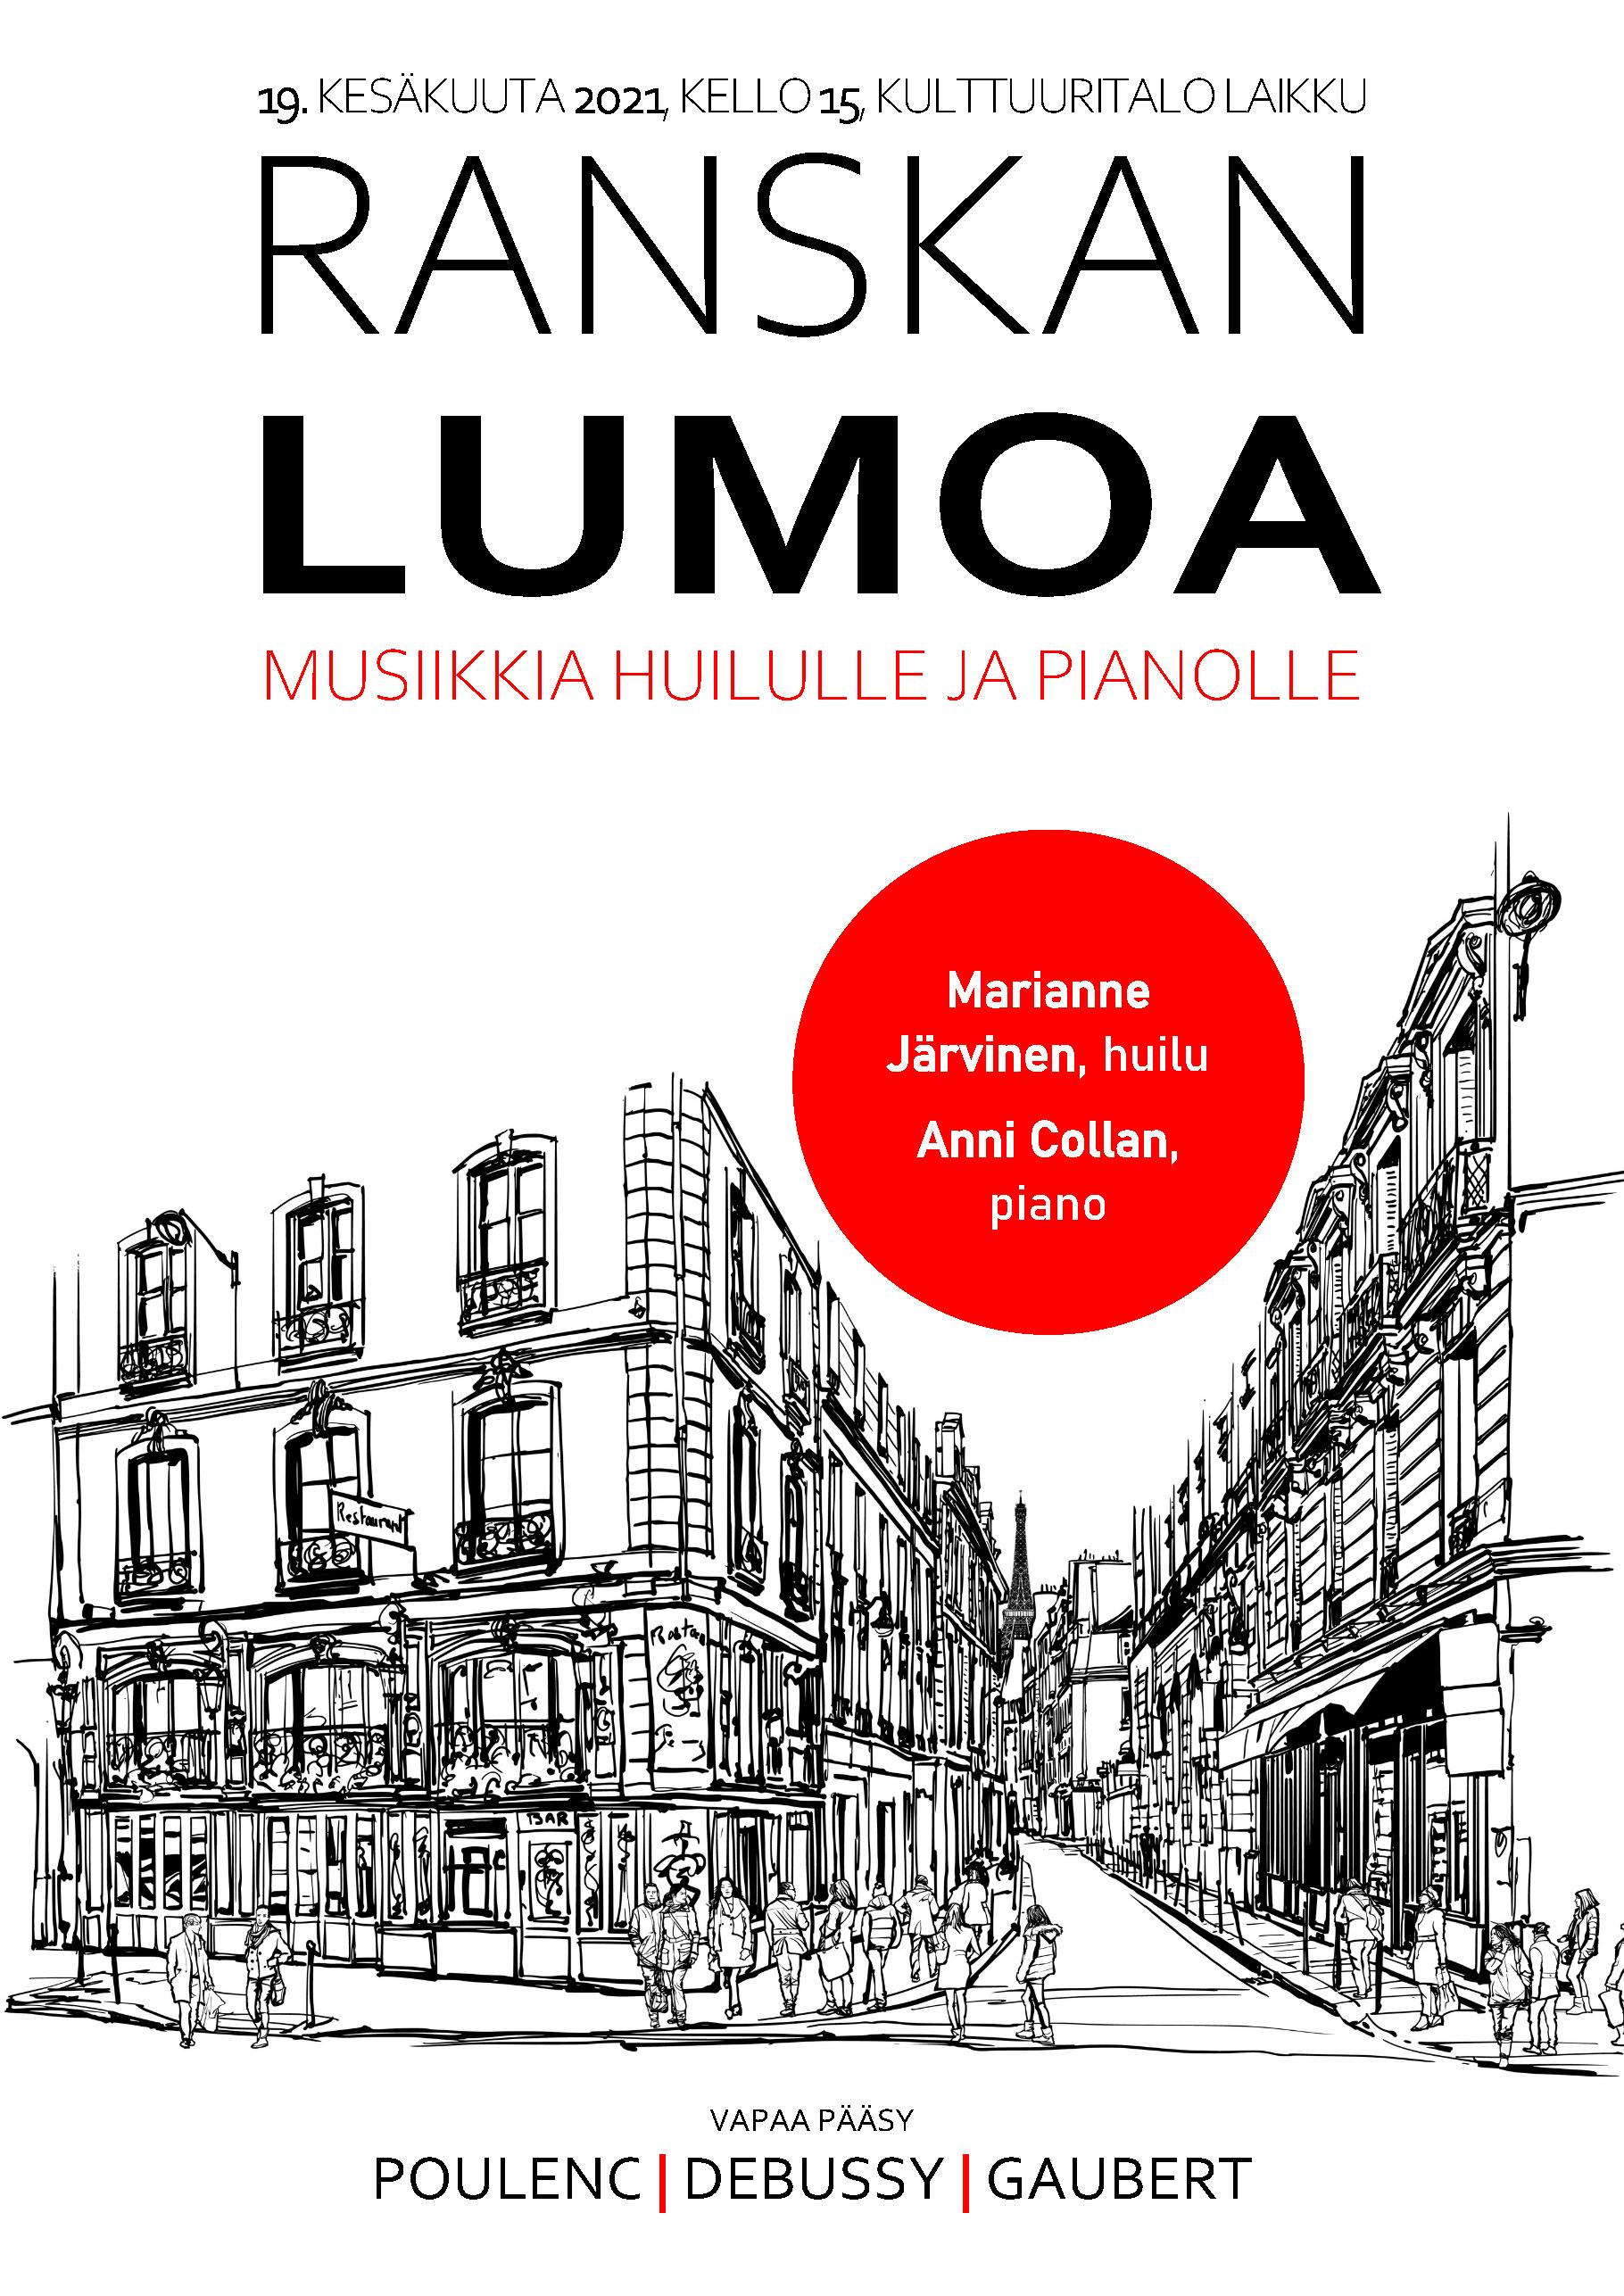 Ranskan lumoa -musiikkia huilulle ja pianolle